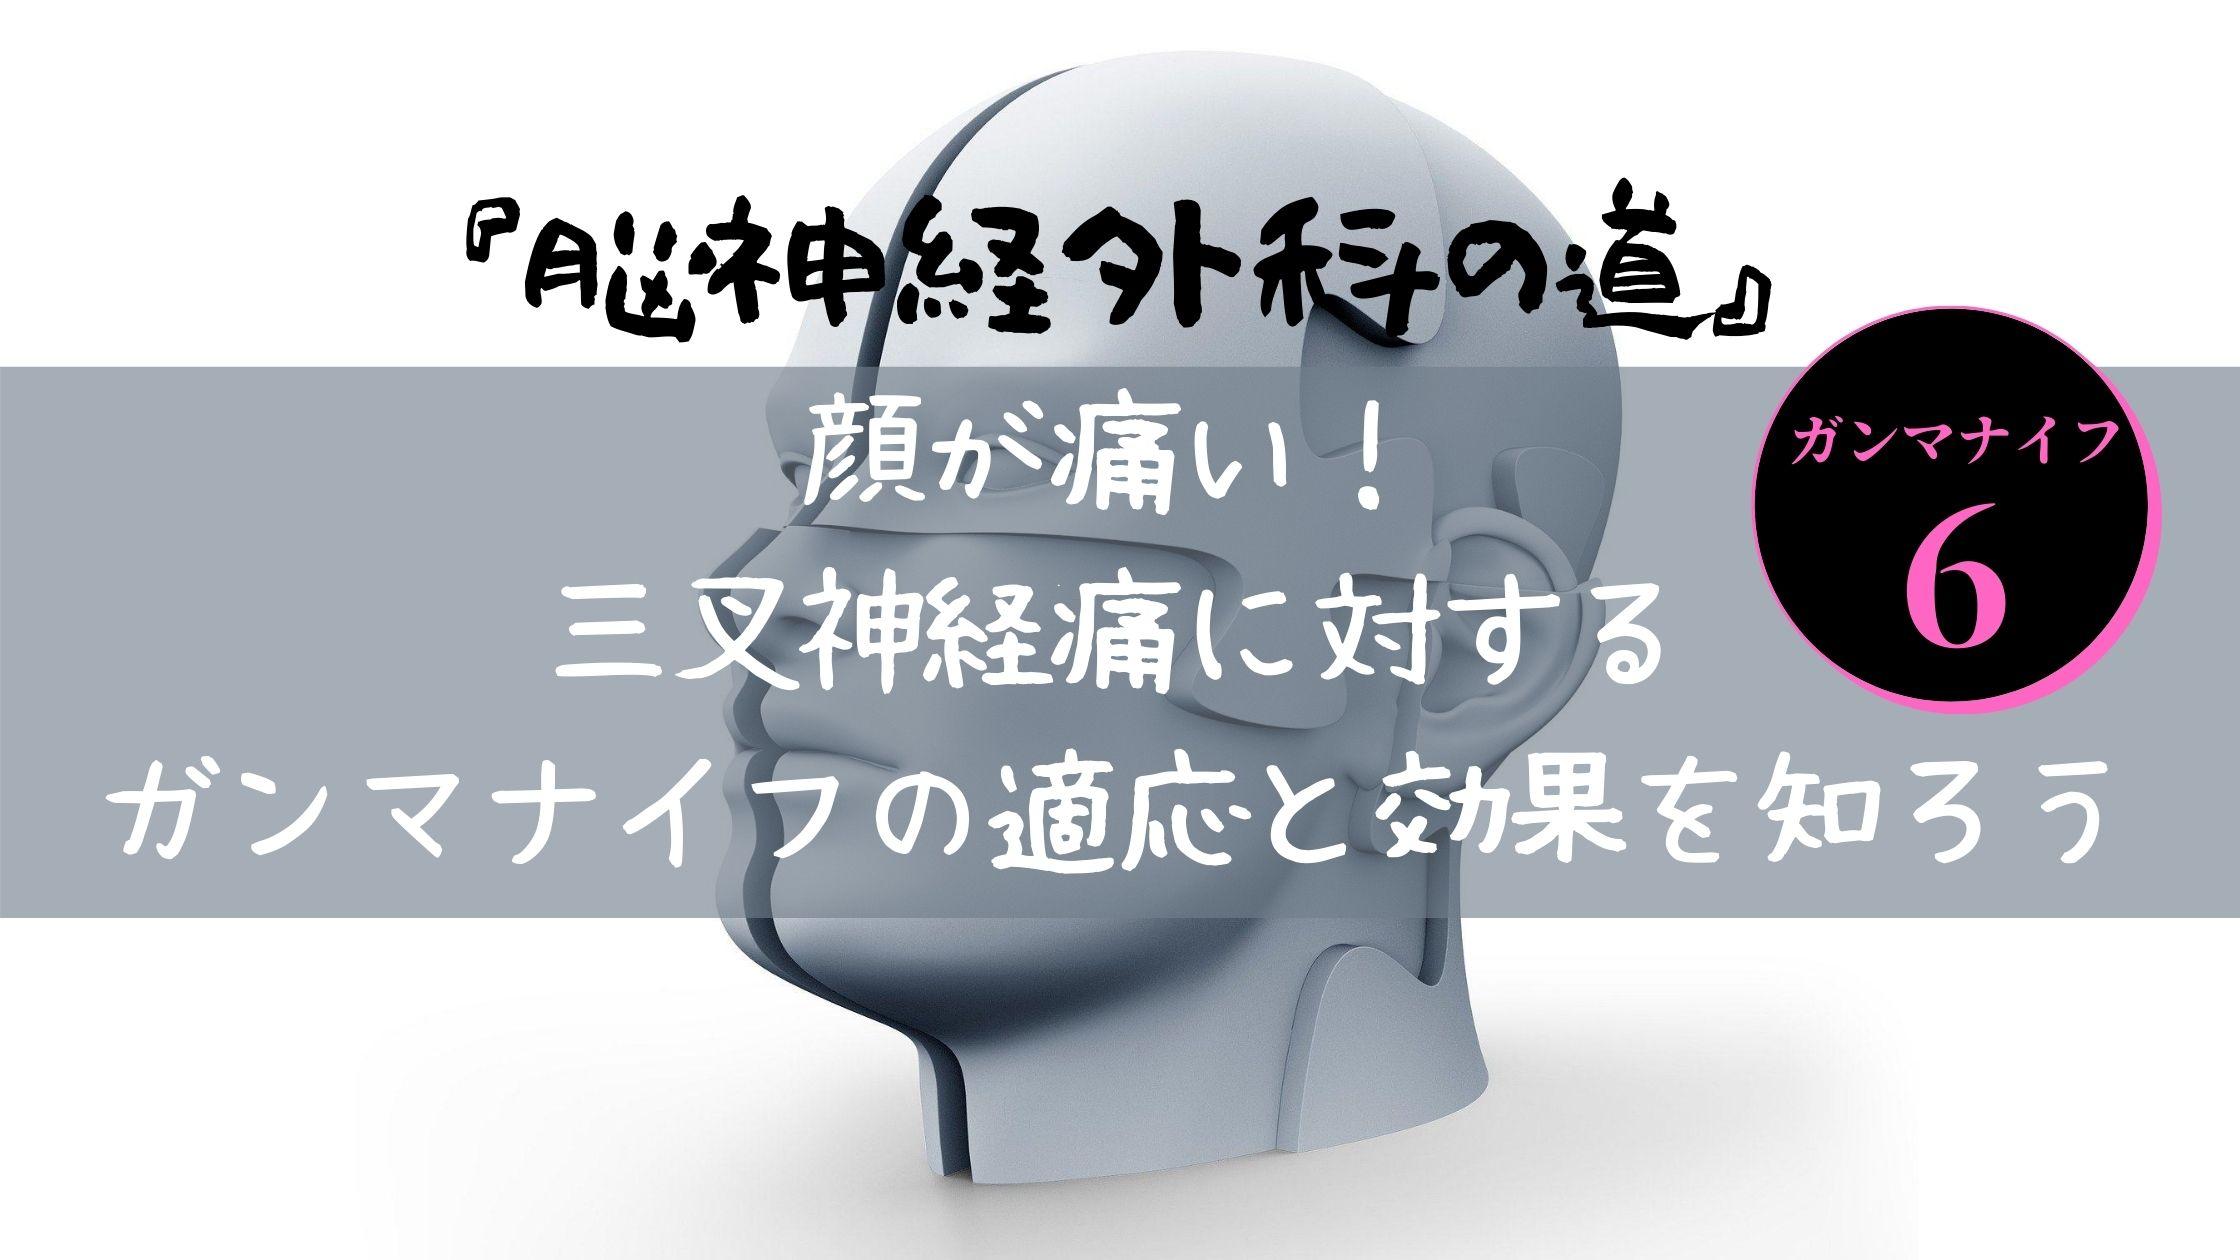 三叉神経痛に対するガンマナイフ-1